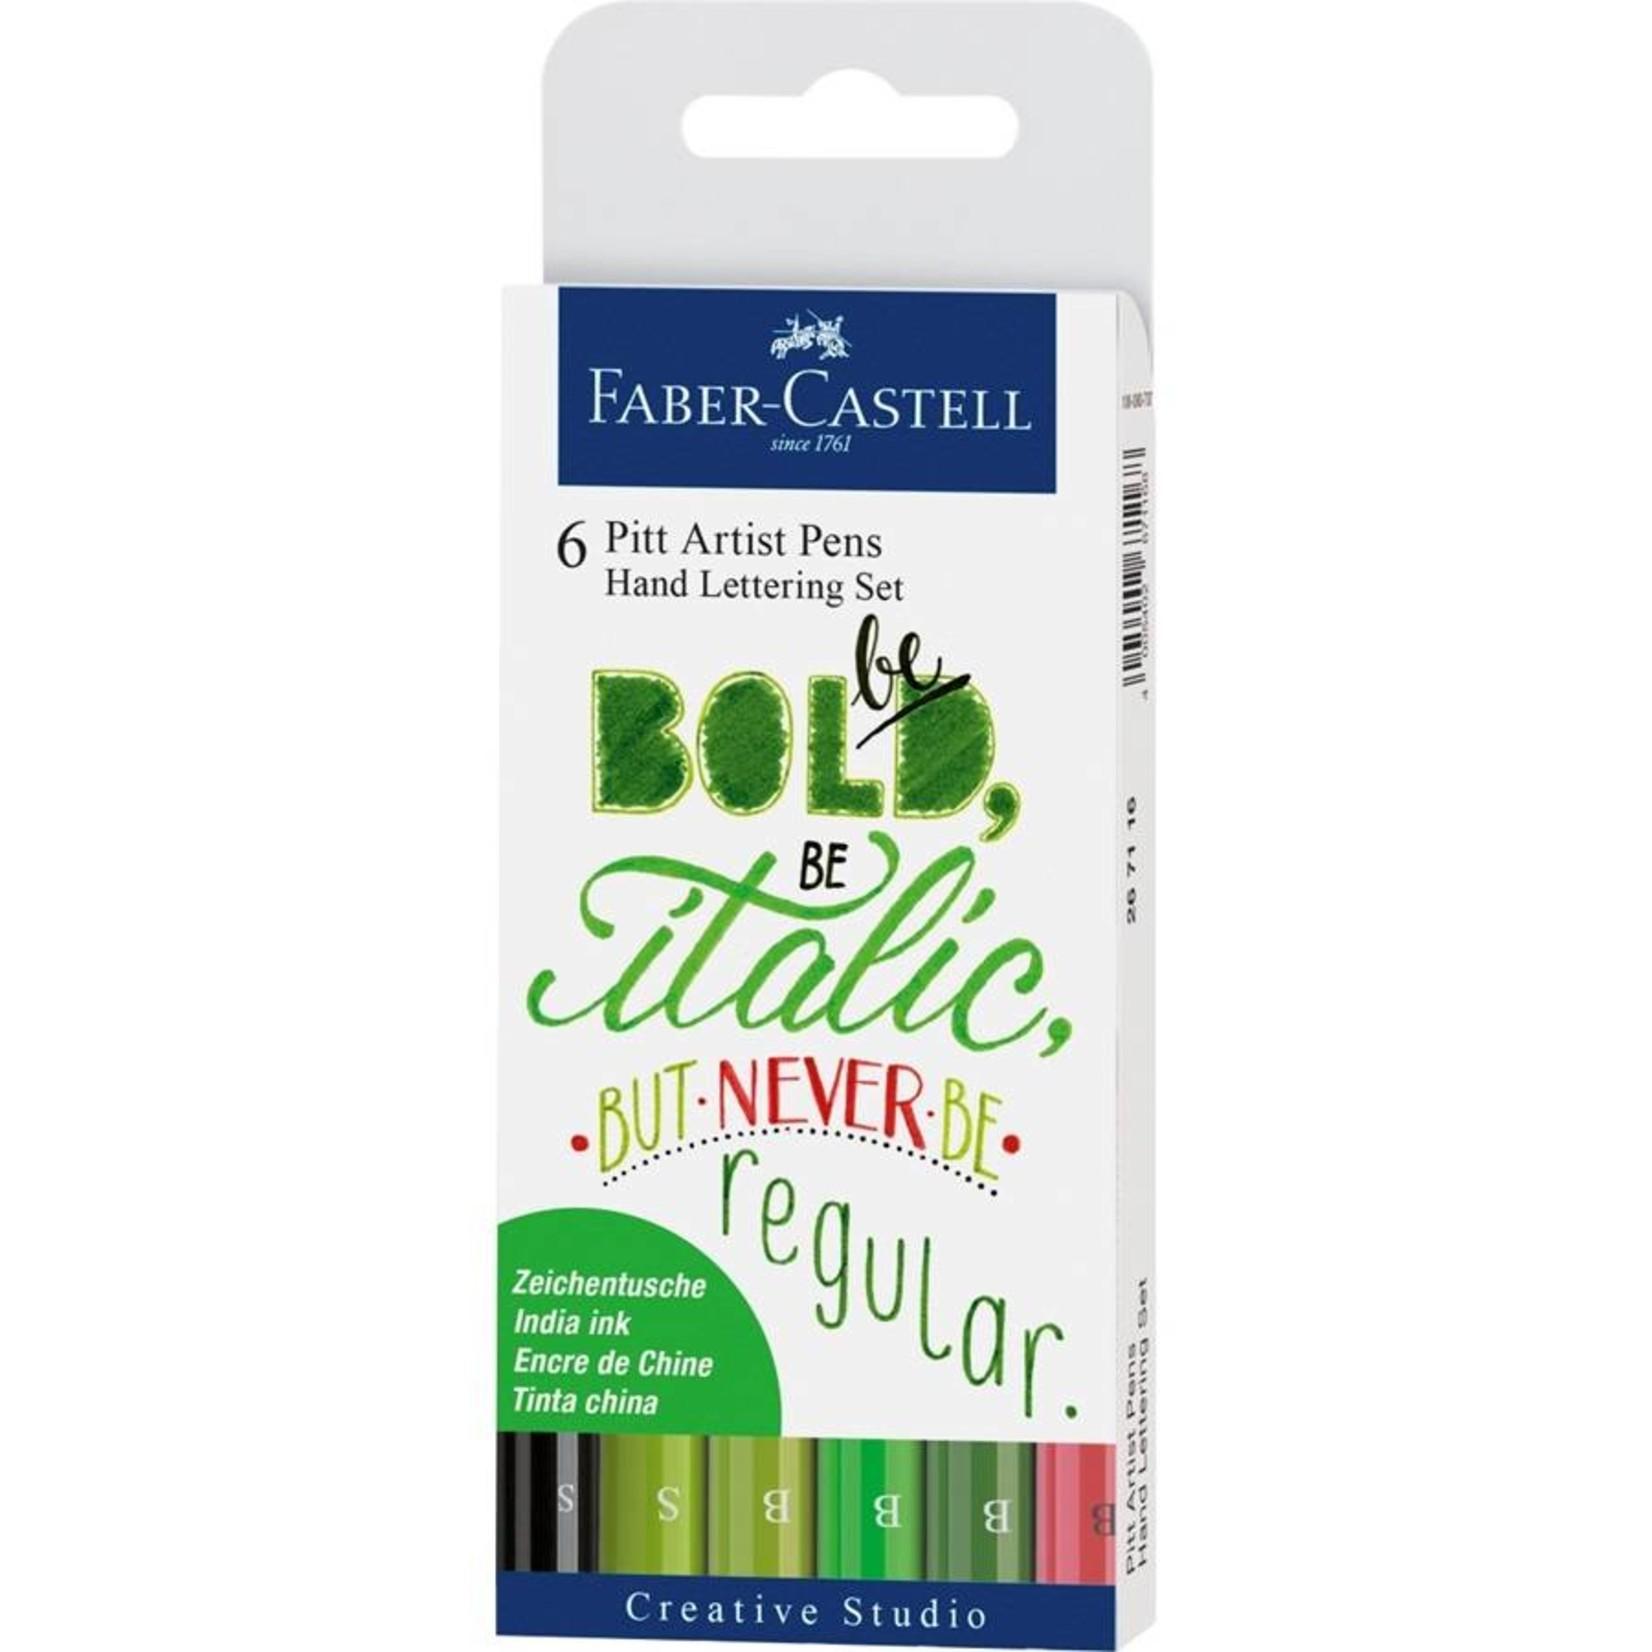 Faber-Castell Handlettering Tuschestift Pitt Artist Pen 6Stk